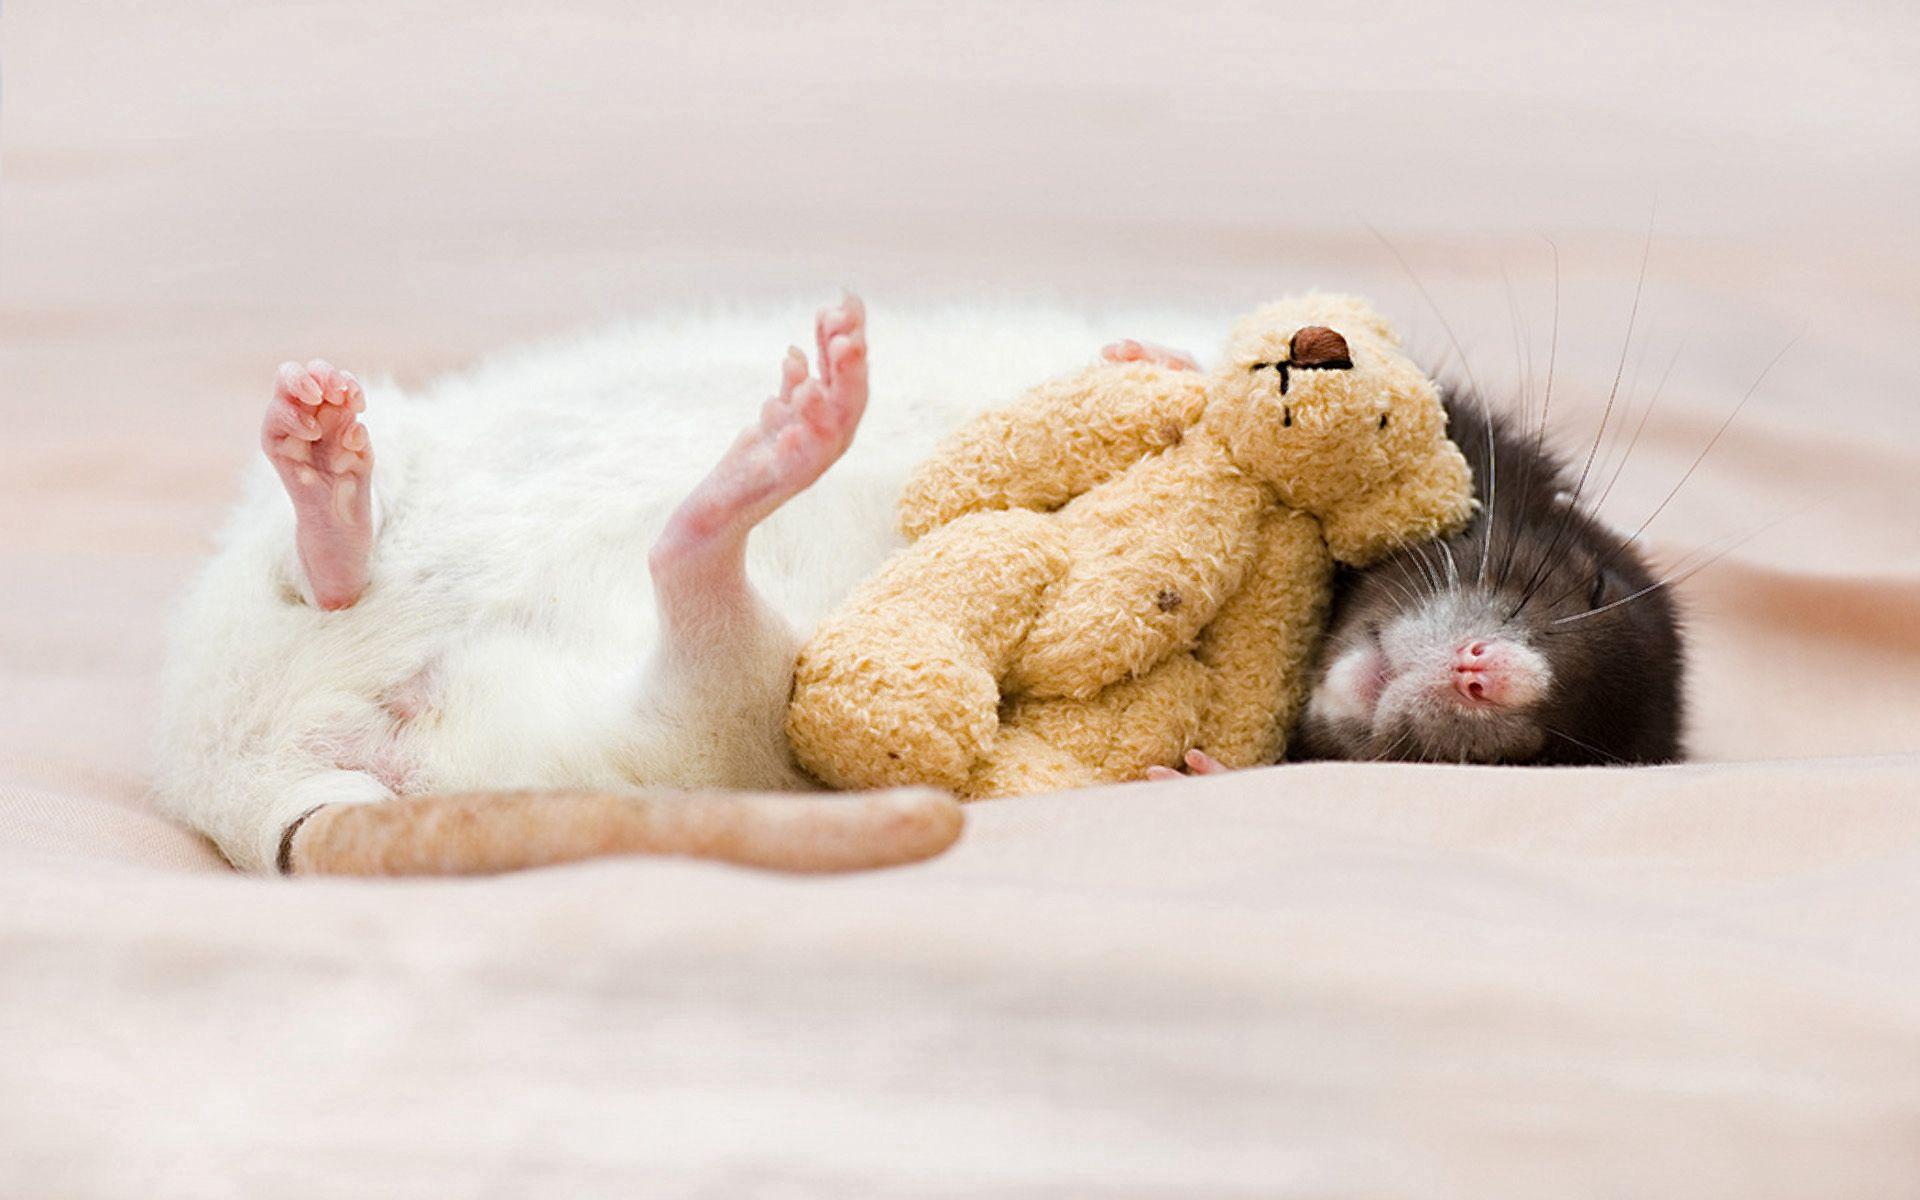 124009 Hintergrundbild herunterladen Tiere, Spielzeug, Schlafen, Traum, Nagetier, Ratte - Bildschirmschoner und Bilder kostenlos